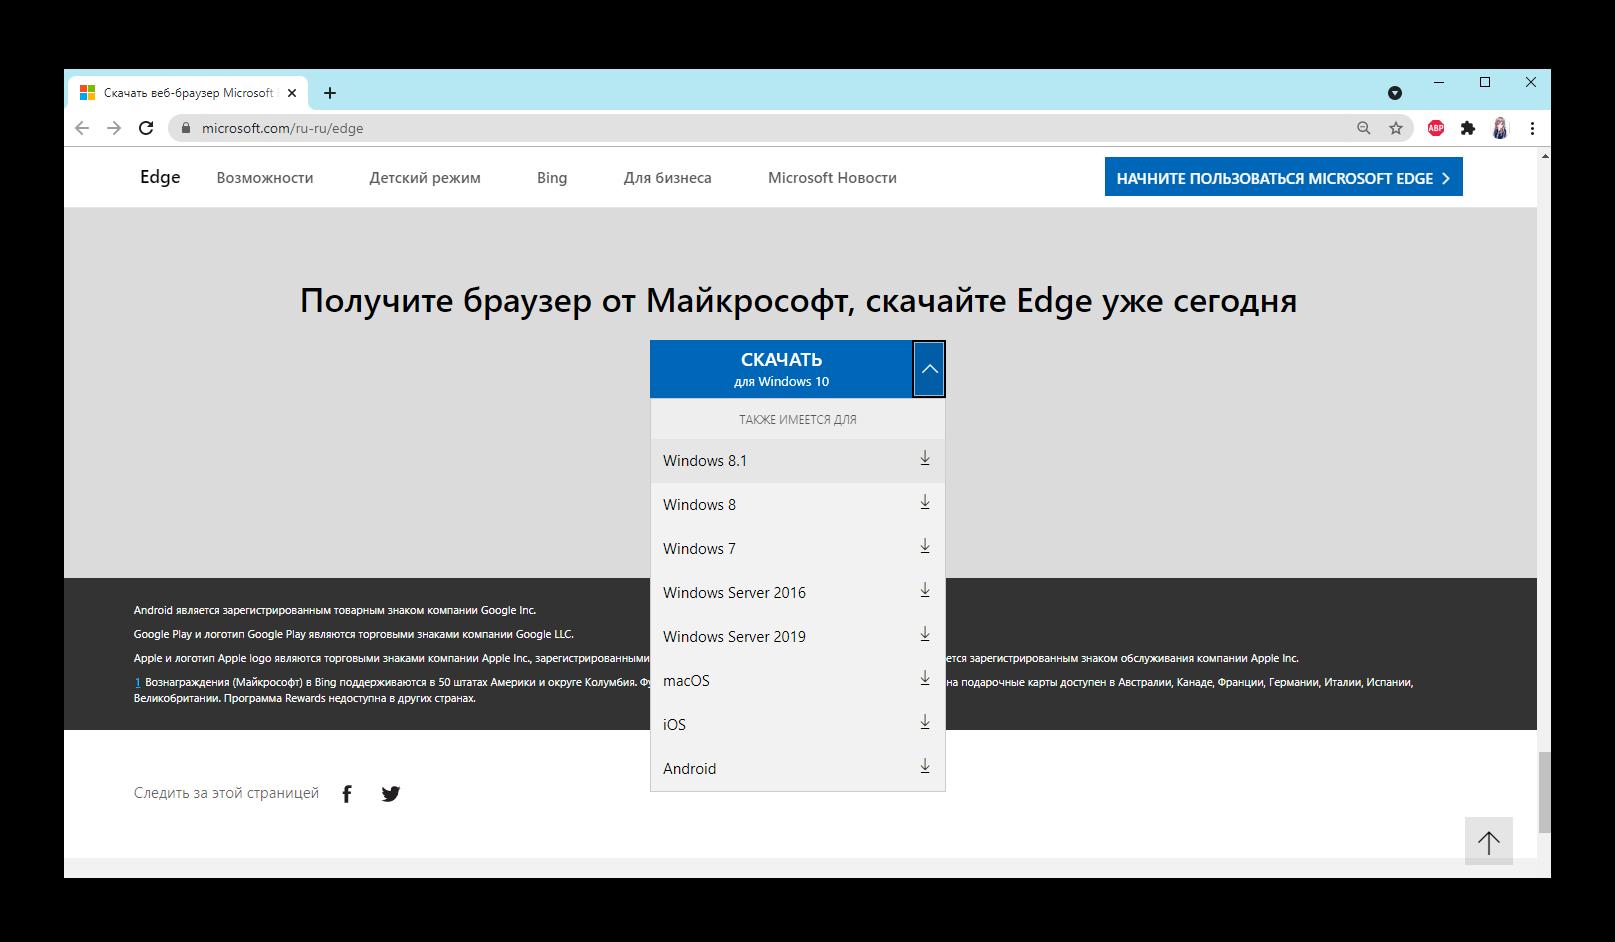 Скачать браузер Edge для разных платформ